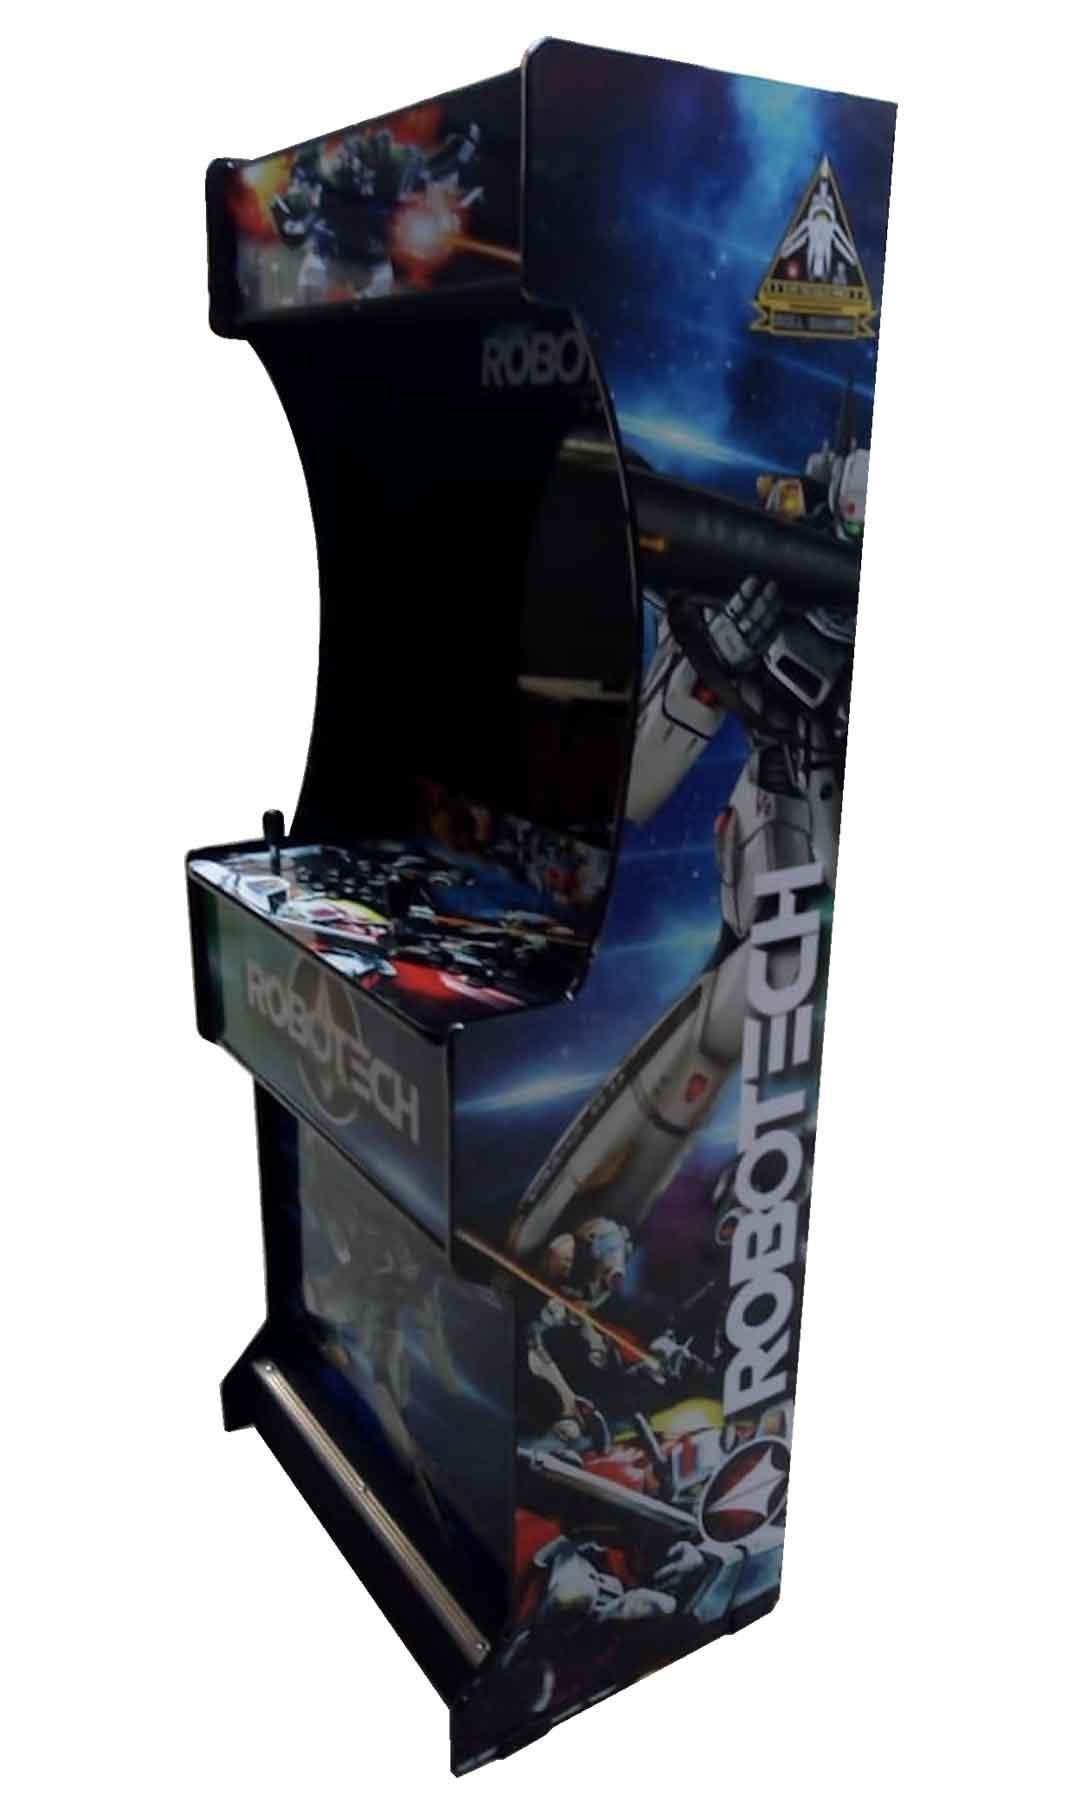 Arcade Robotech